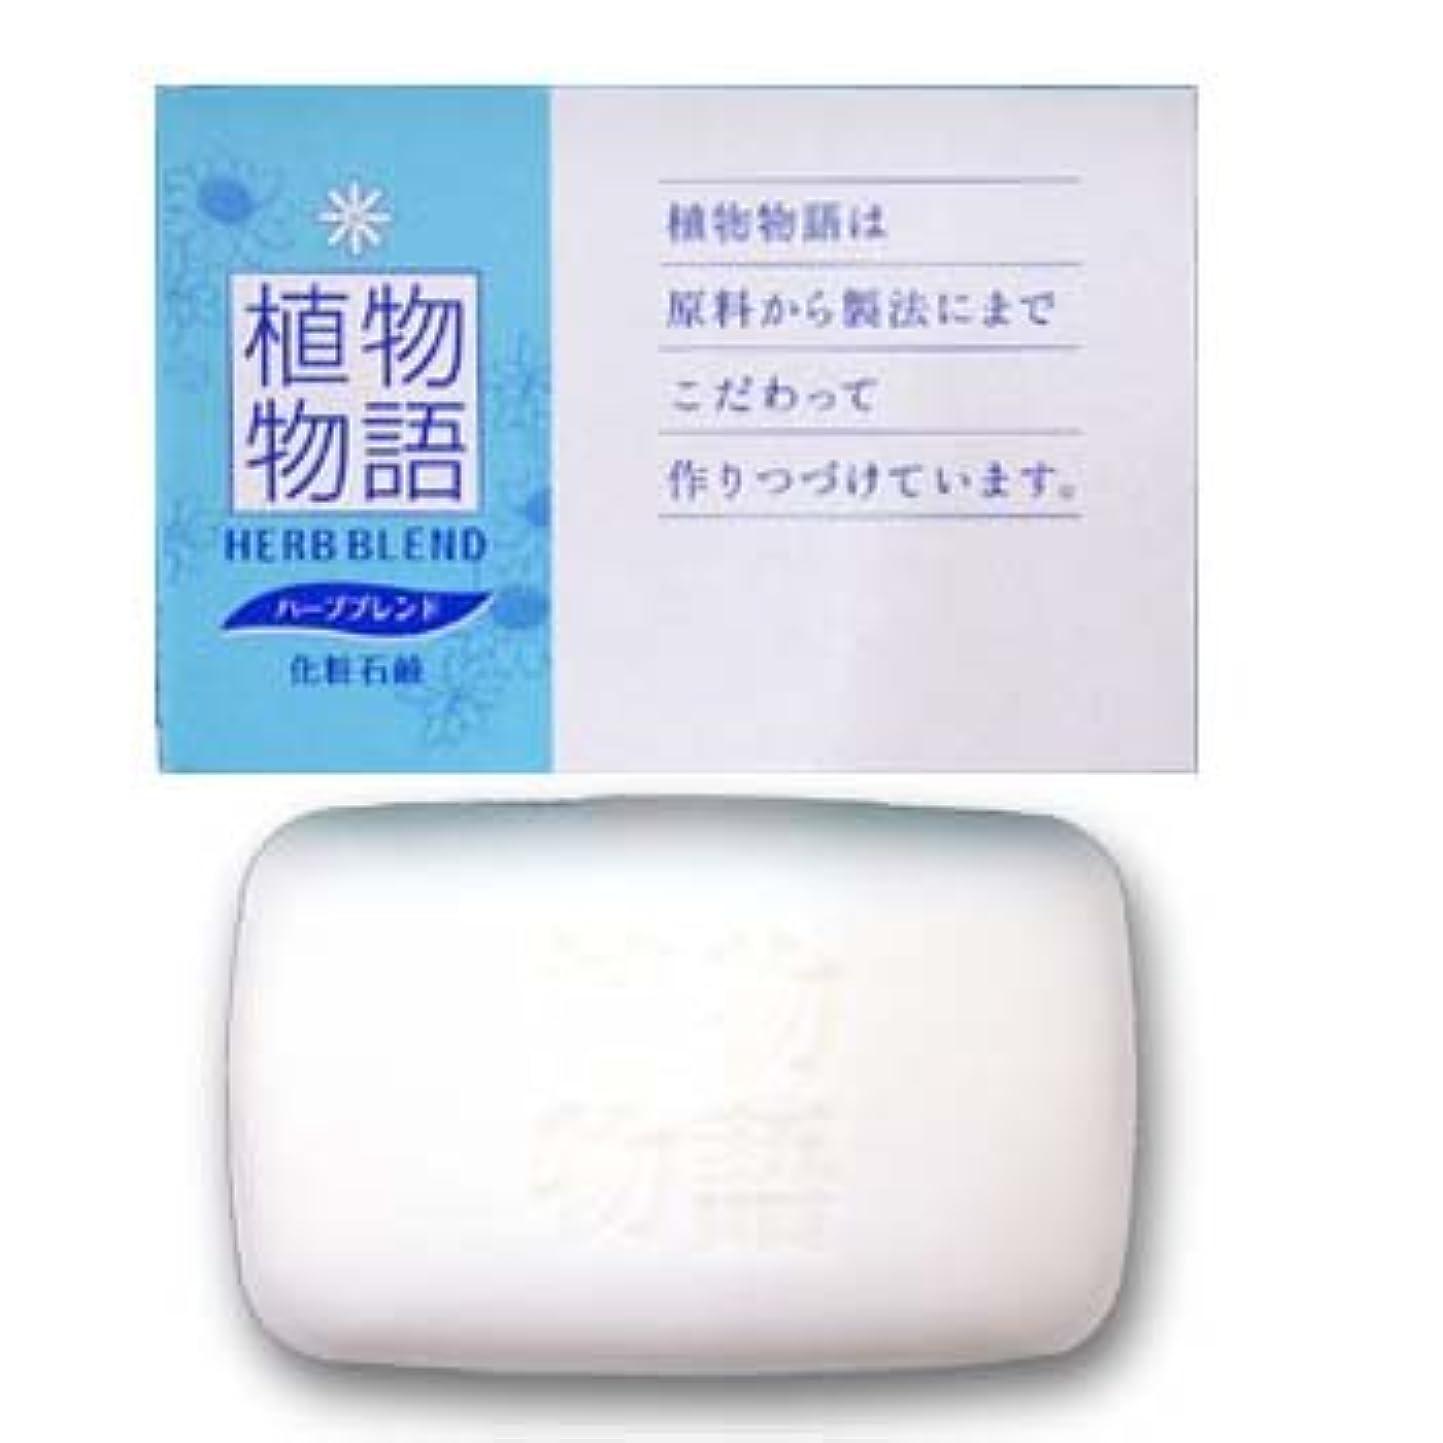 ジェット値下げ無駄LION 植物物語石鹸80g化粧箱入(1セット100個入)